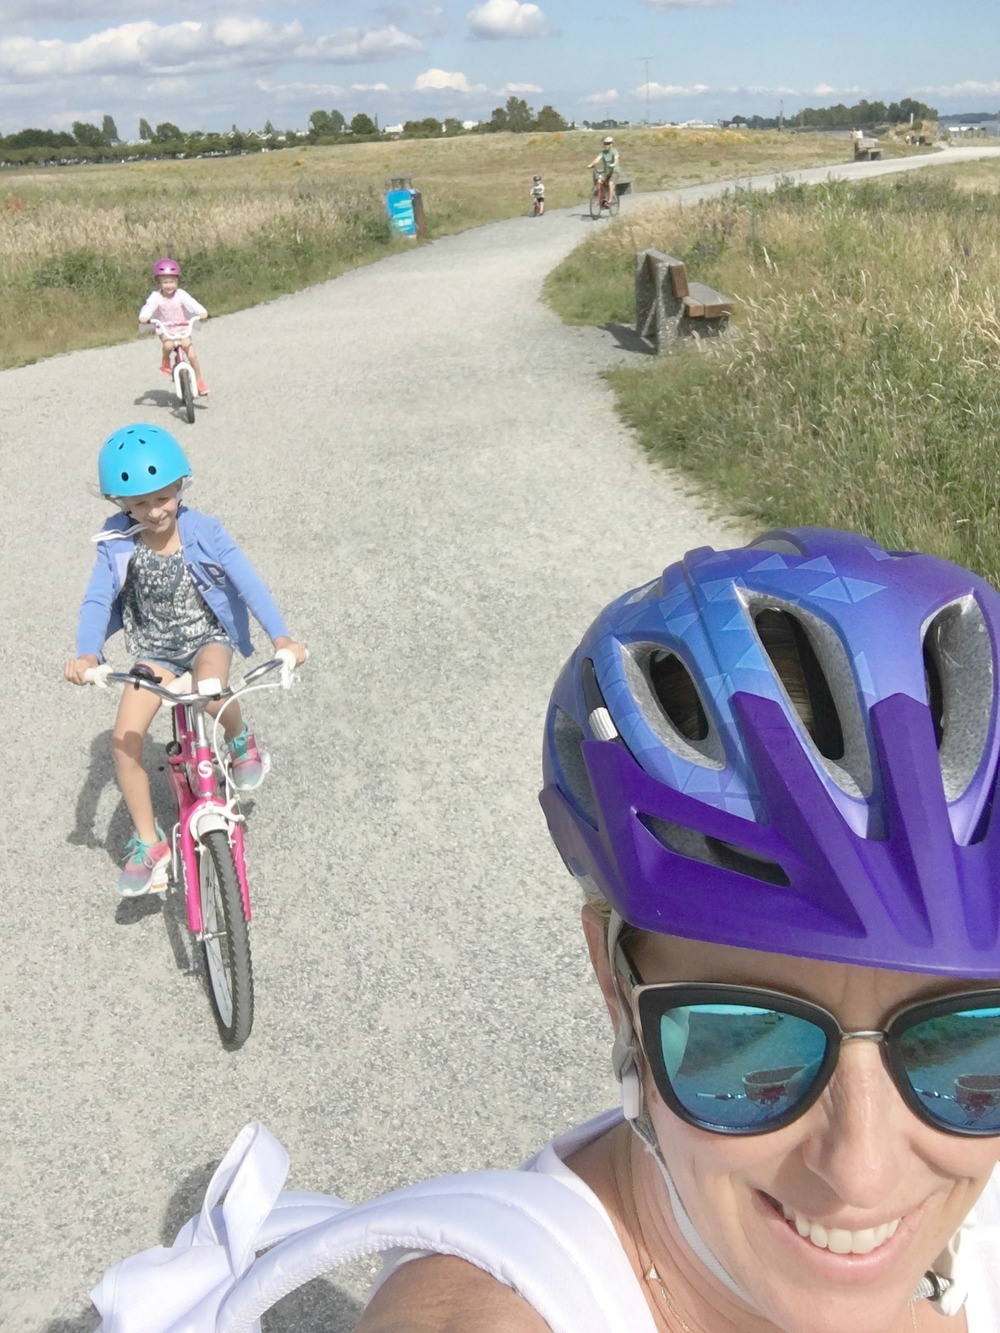 bike ride 2.jpg.jpg